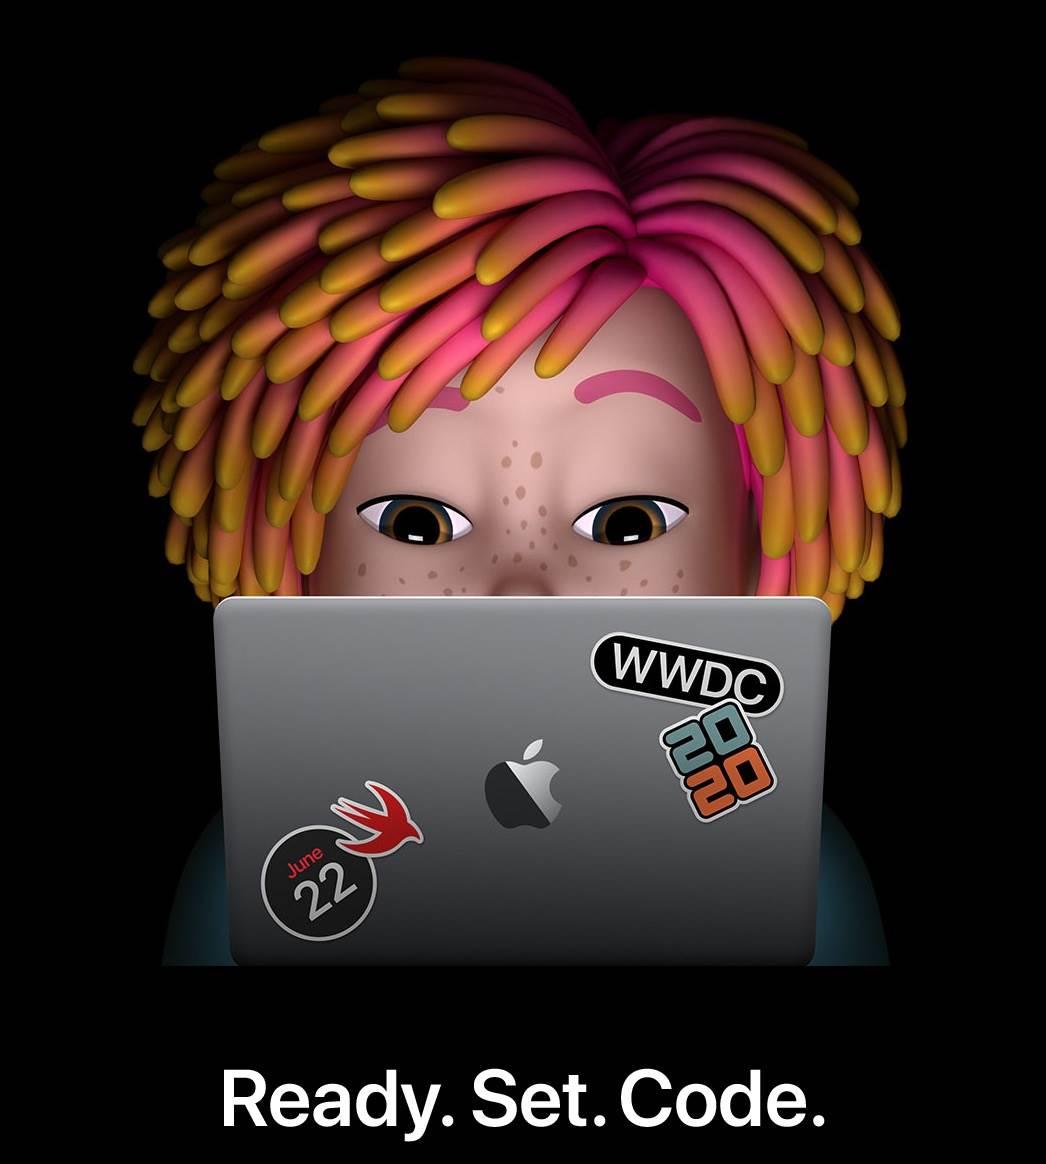 Data WWDC 2020 oficjalnie potwierdzona przez Apple polecane, ciekawostki prezentacja iOS 14, konferencja z iOS 14, kiedy prezentacja iOS 14, kiedy iOS 14, keynote 2020, iOS 14, Apple  W tym roku w nieco innej formie, bo wirtualnej Keynote otwierające tegoroczne WWDC 2020 odbędzie się pod koniec czerwca. CleanShot 2020 05 06 at 09.07.37@2x